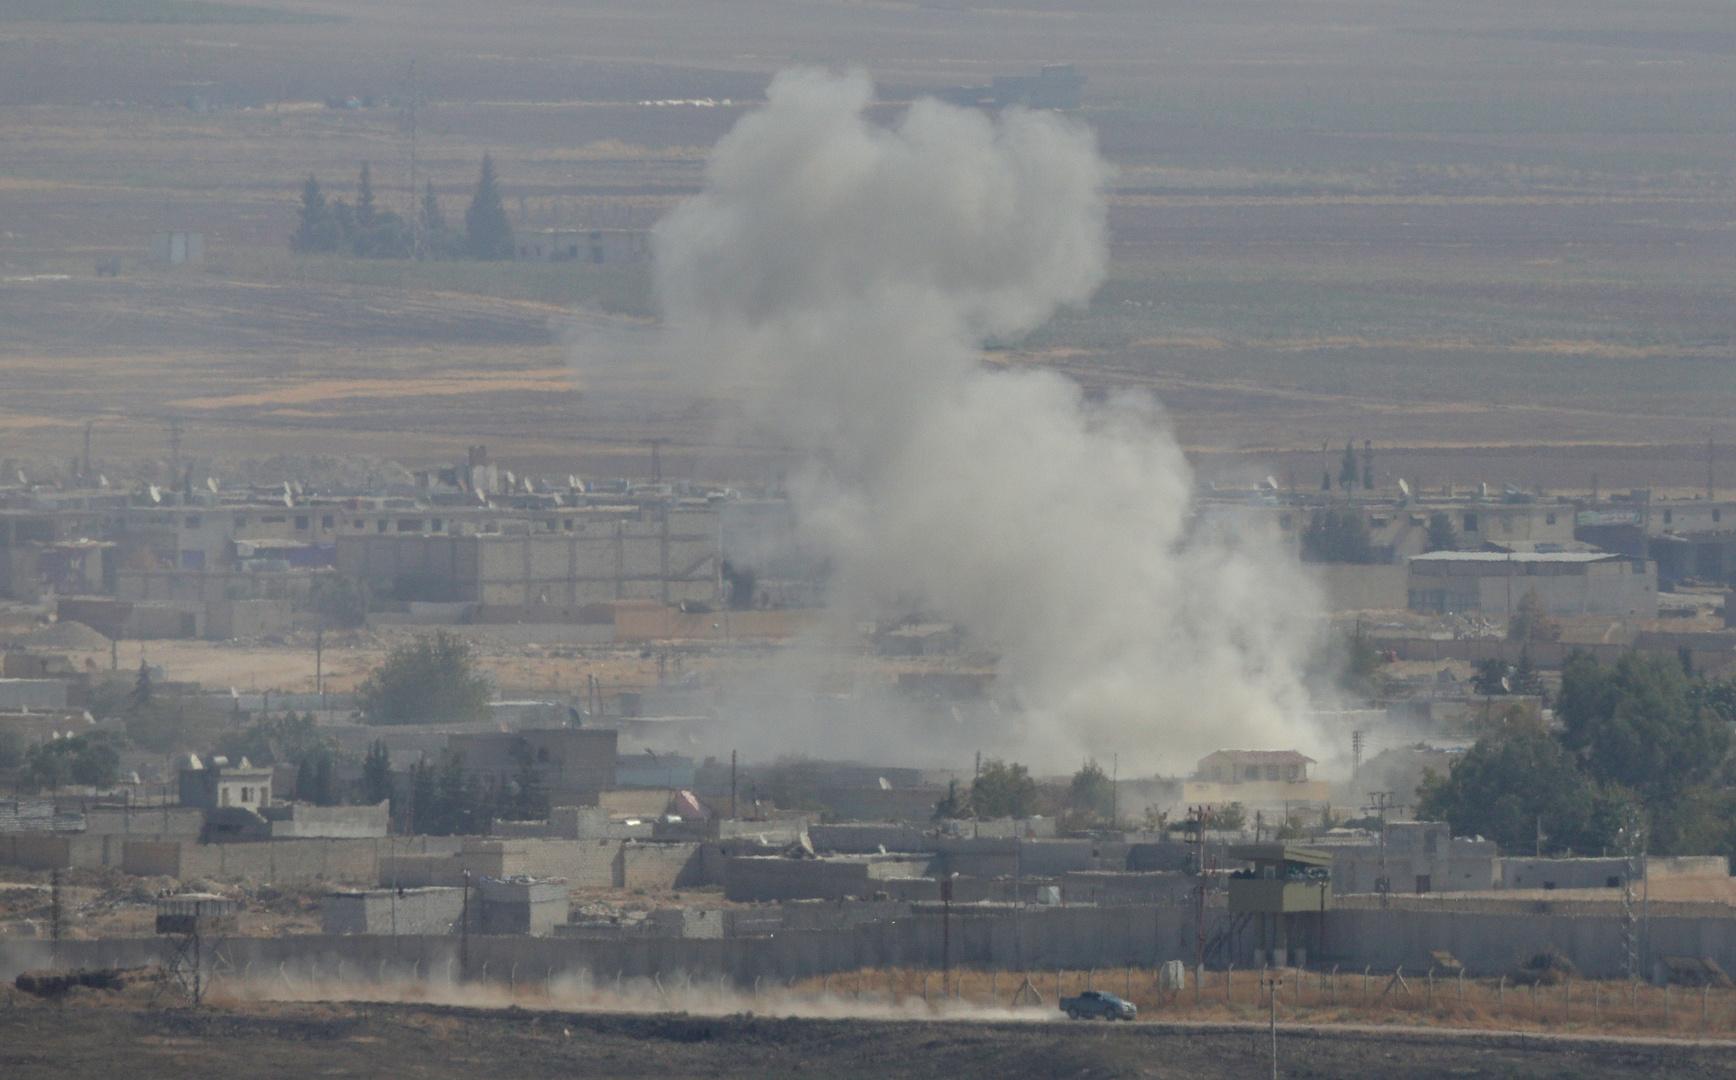 دخان يتصاعد من مواقع أعمال قتالية في مدينة رأس العين شمال شرق سوريا